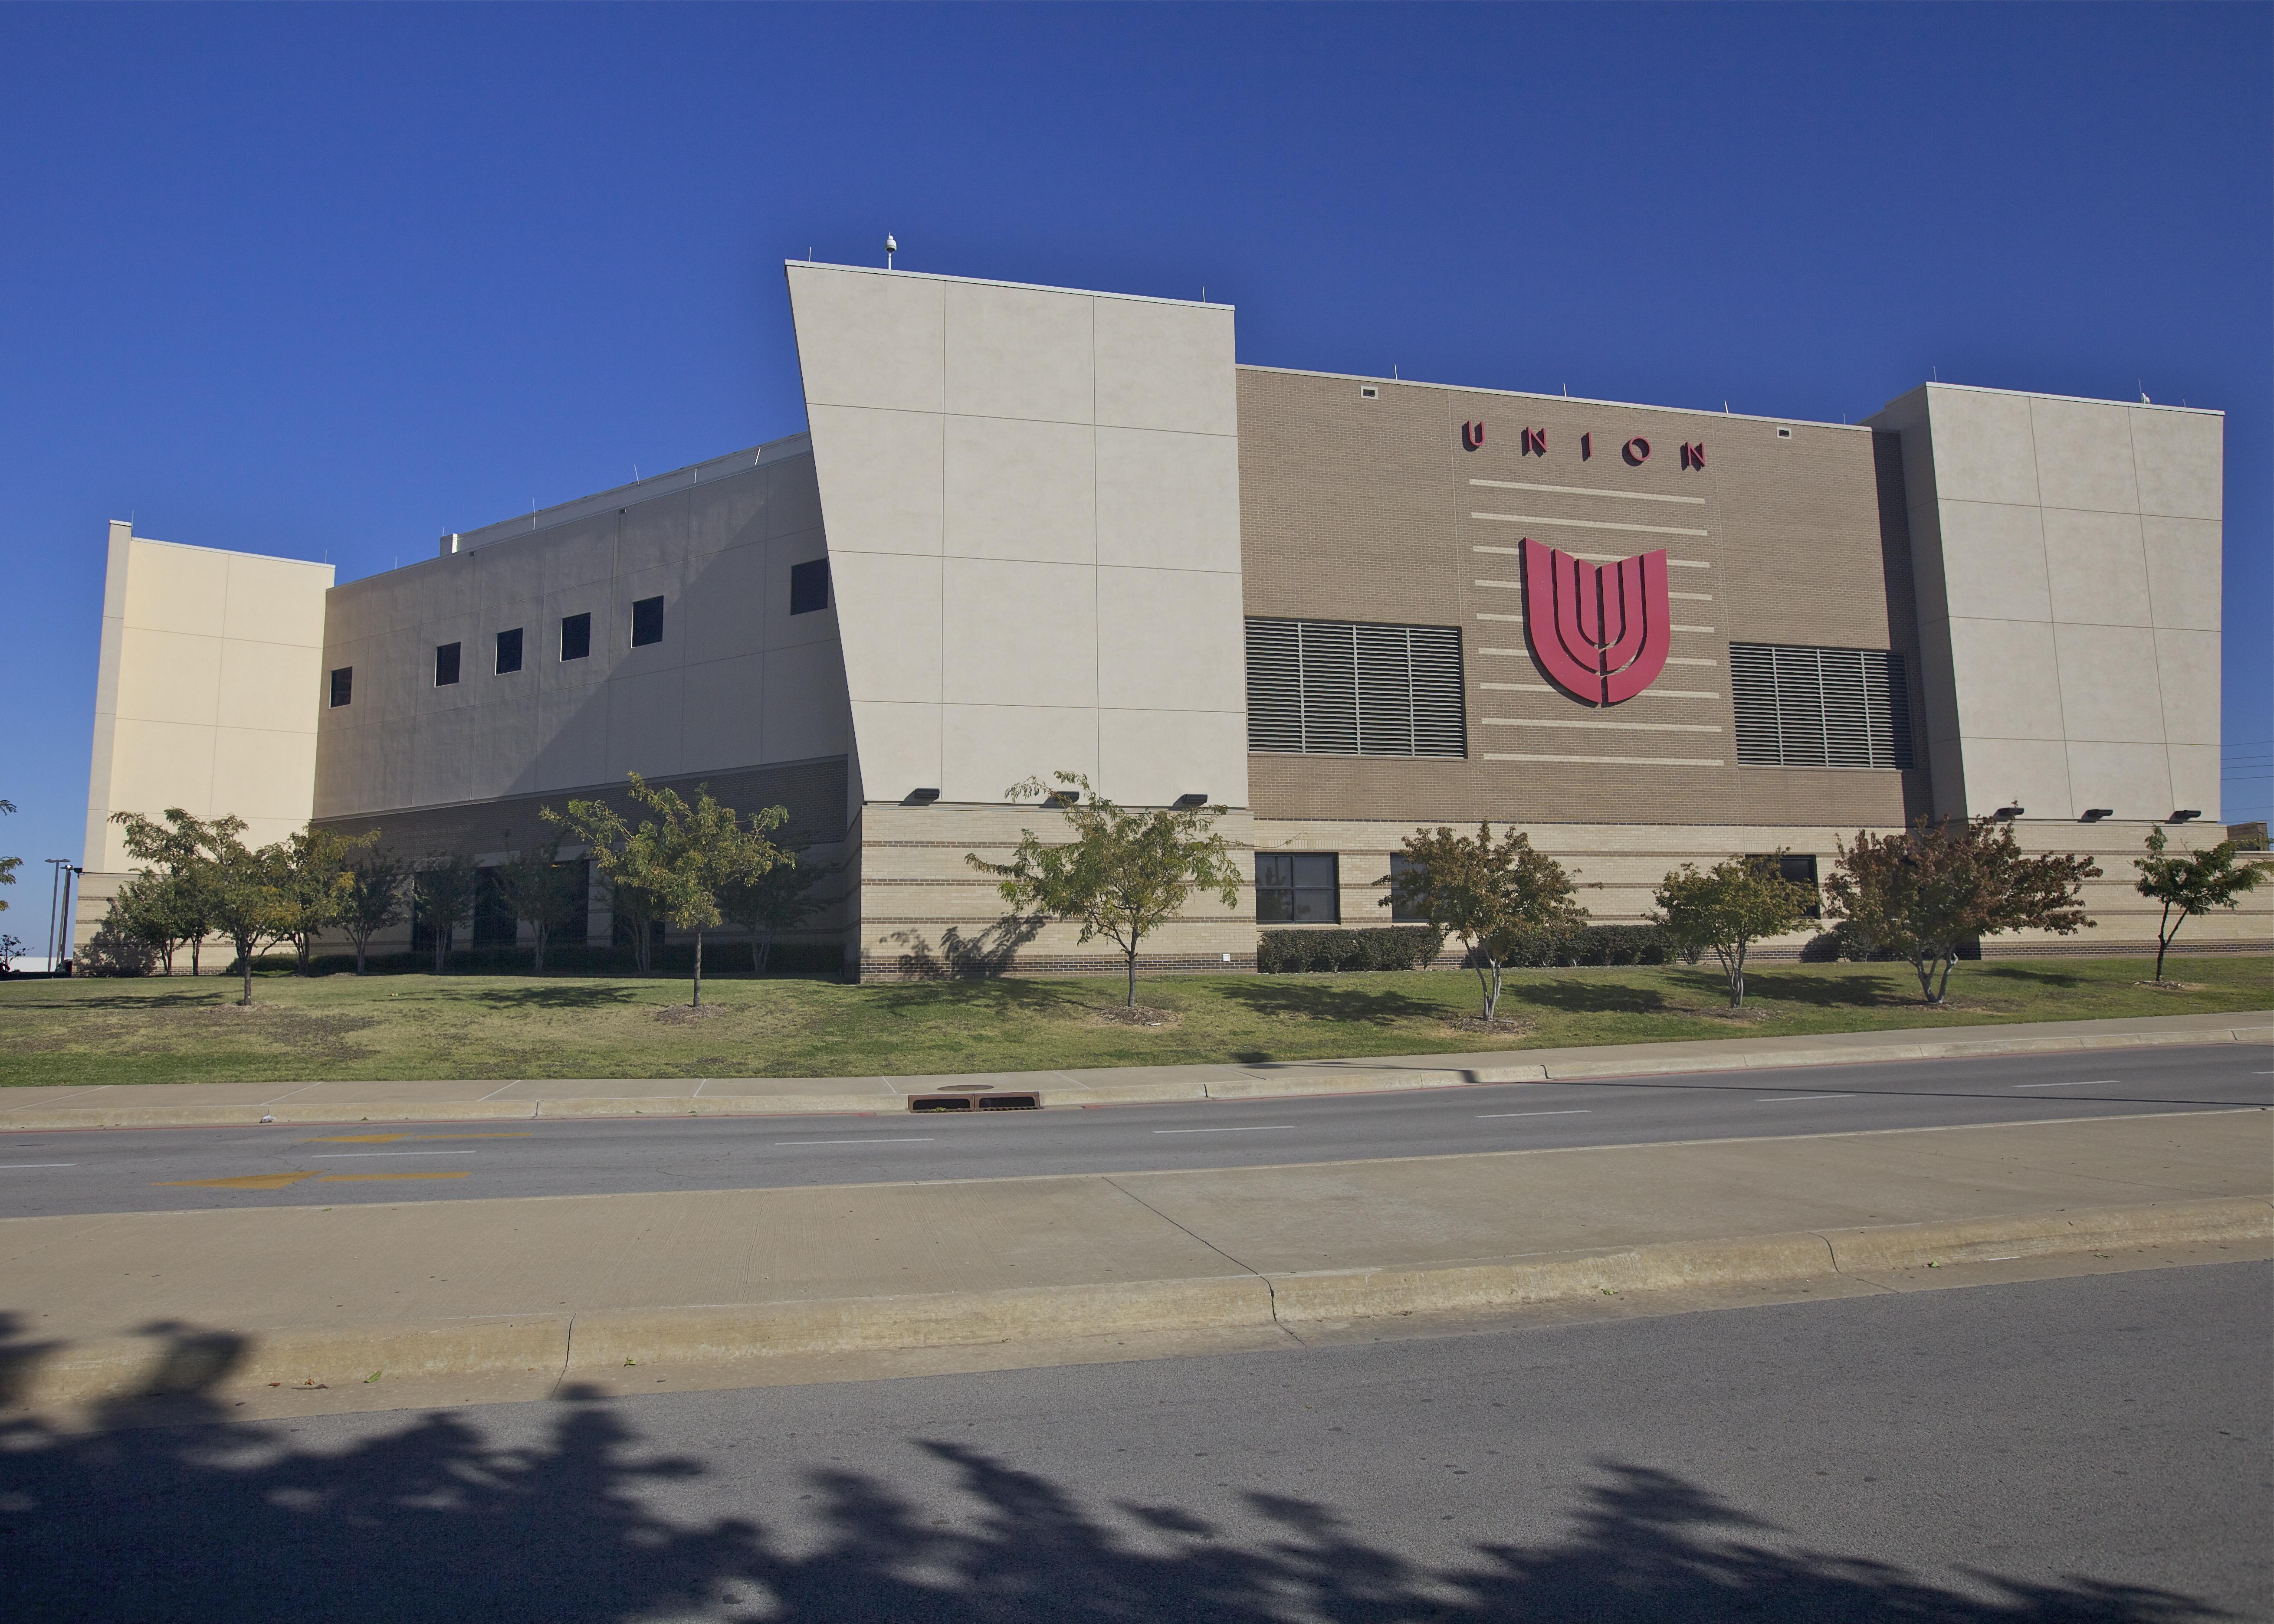 Union Multi-Purpose Athletic Center*